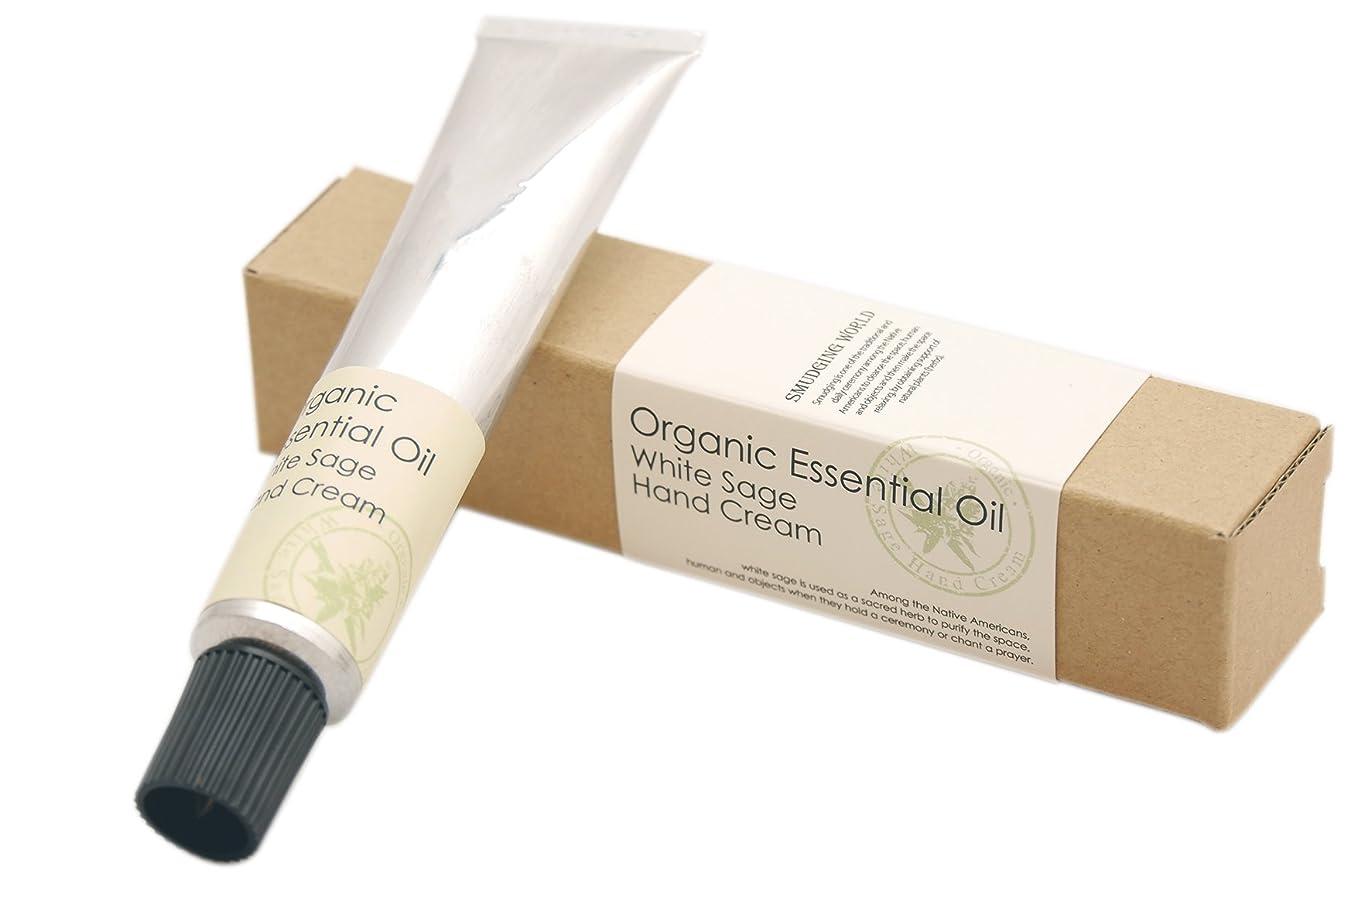 図献身王室アロマレコルト ハンドクリーム ホワイトセージ 【White Sage】 オーガニック エッセンシャルオイル organic essential oil hand cream arome recolte